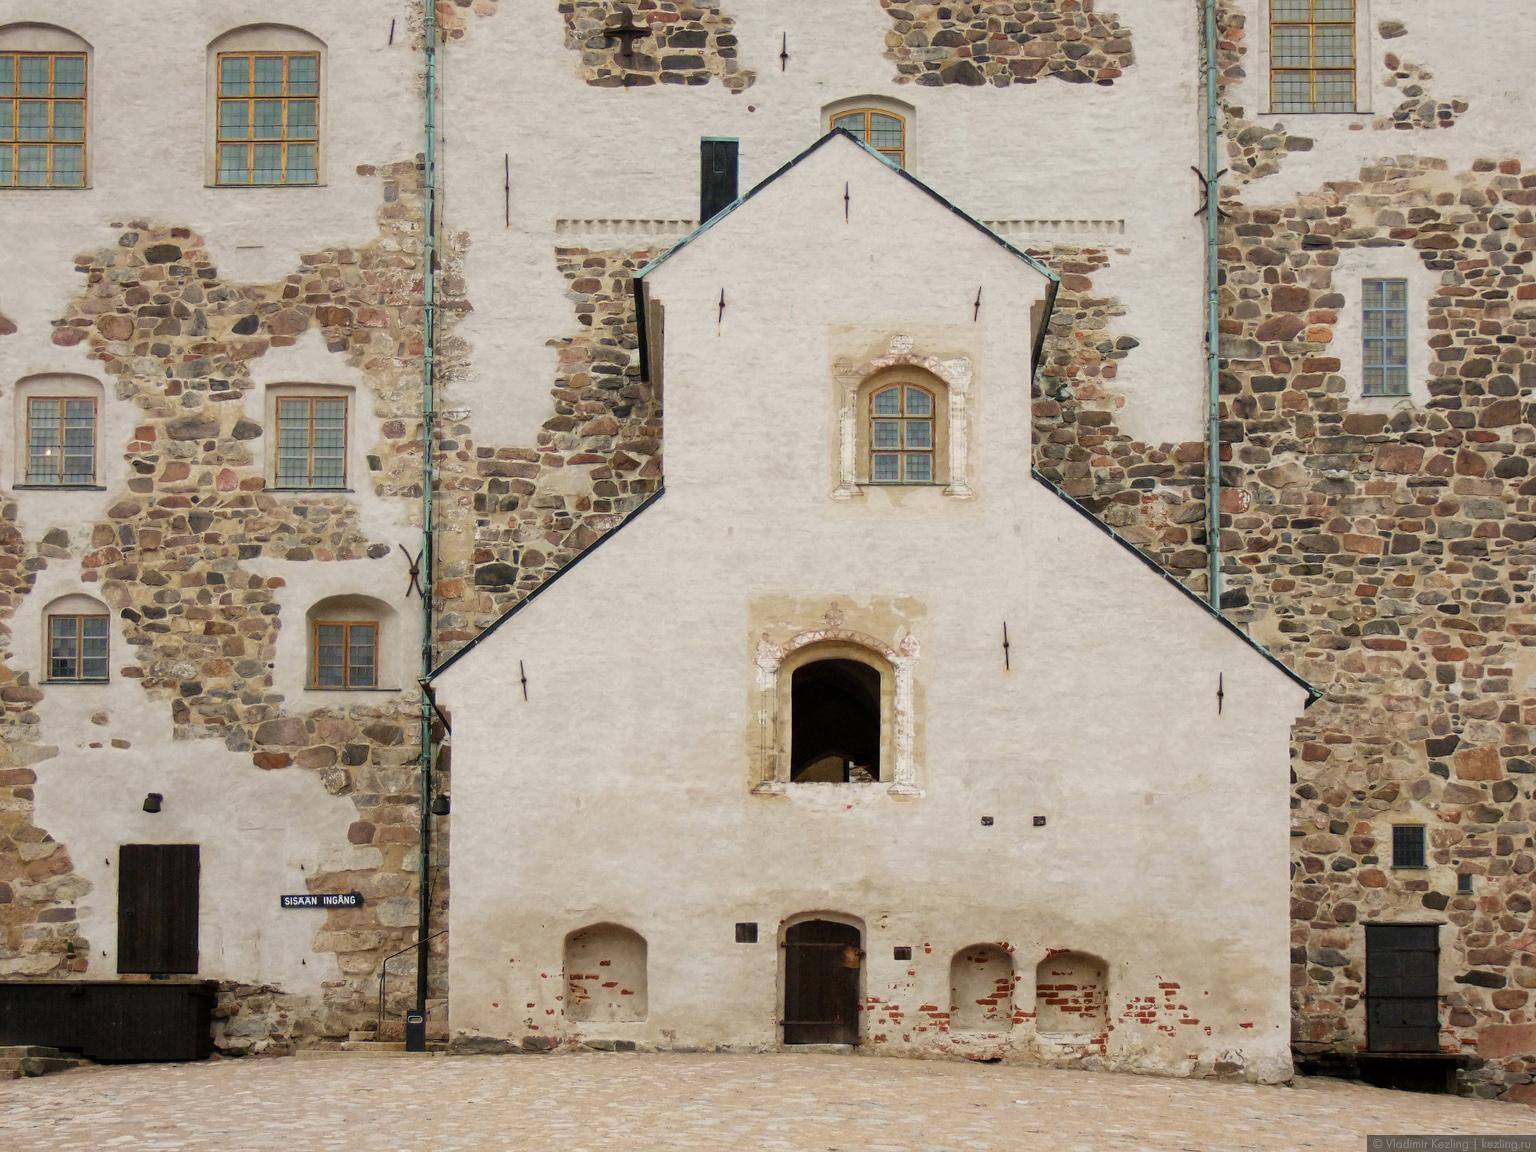 Юго-западная Финляндия. Турку. Замок Або